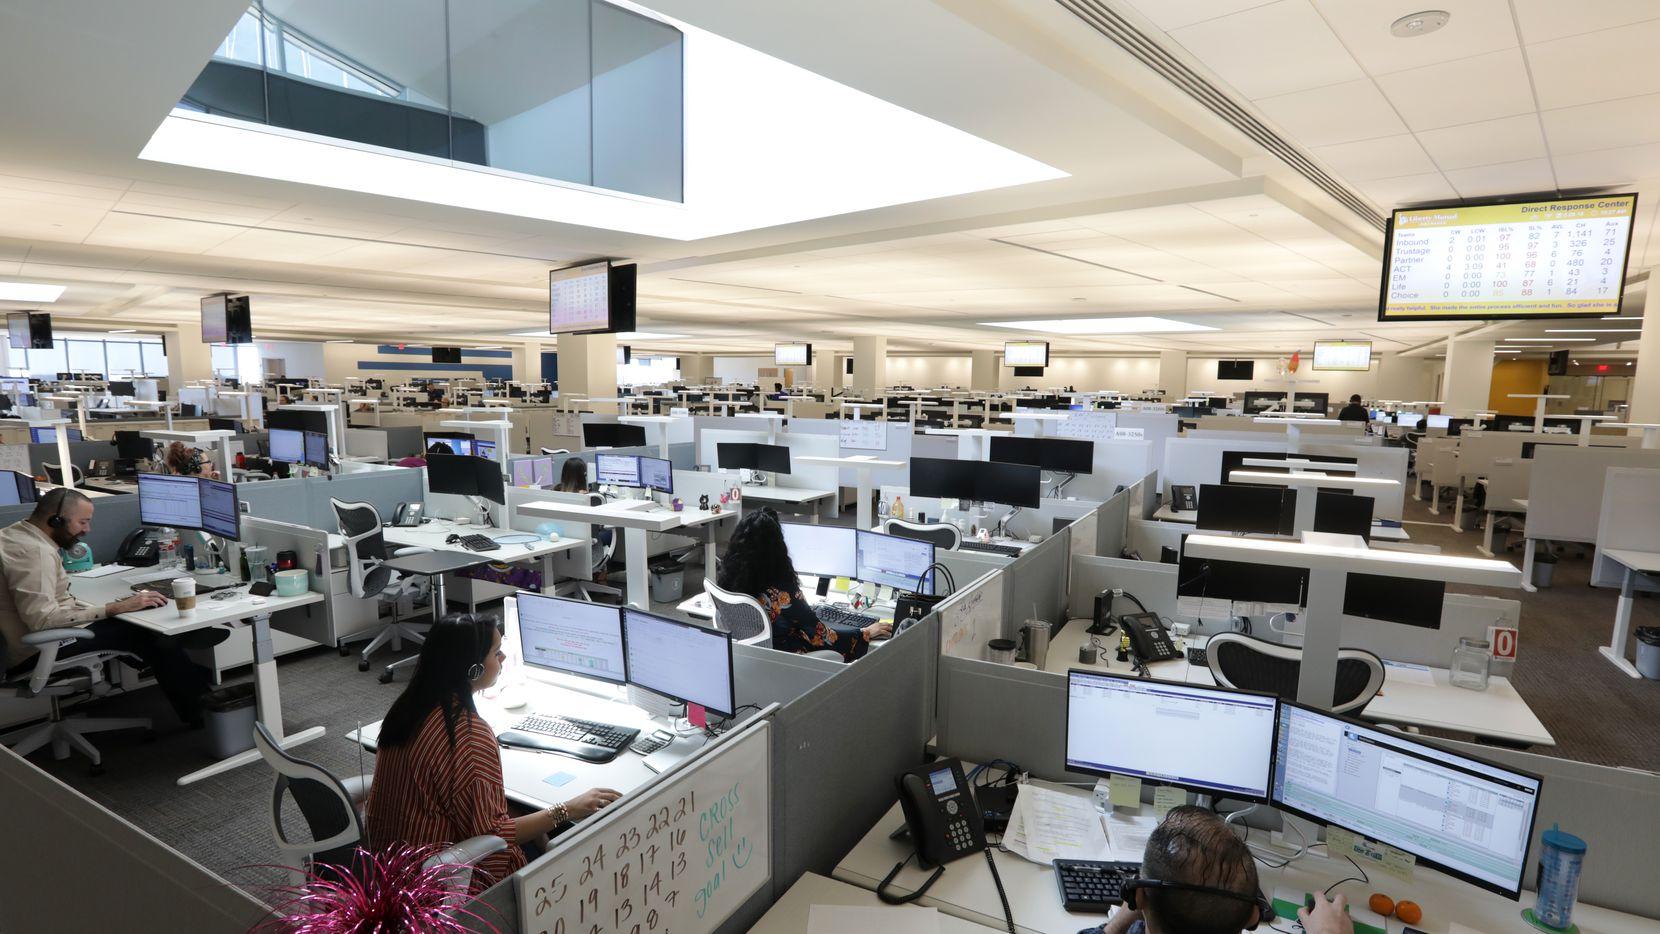 湖南浩安公装公司装修设计资讯知识办公室装修设计色彩的强弱感与舒适疲劳感